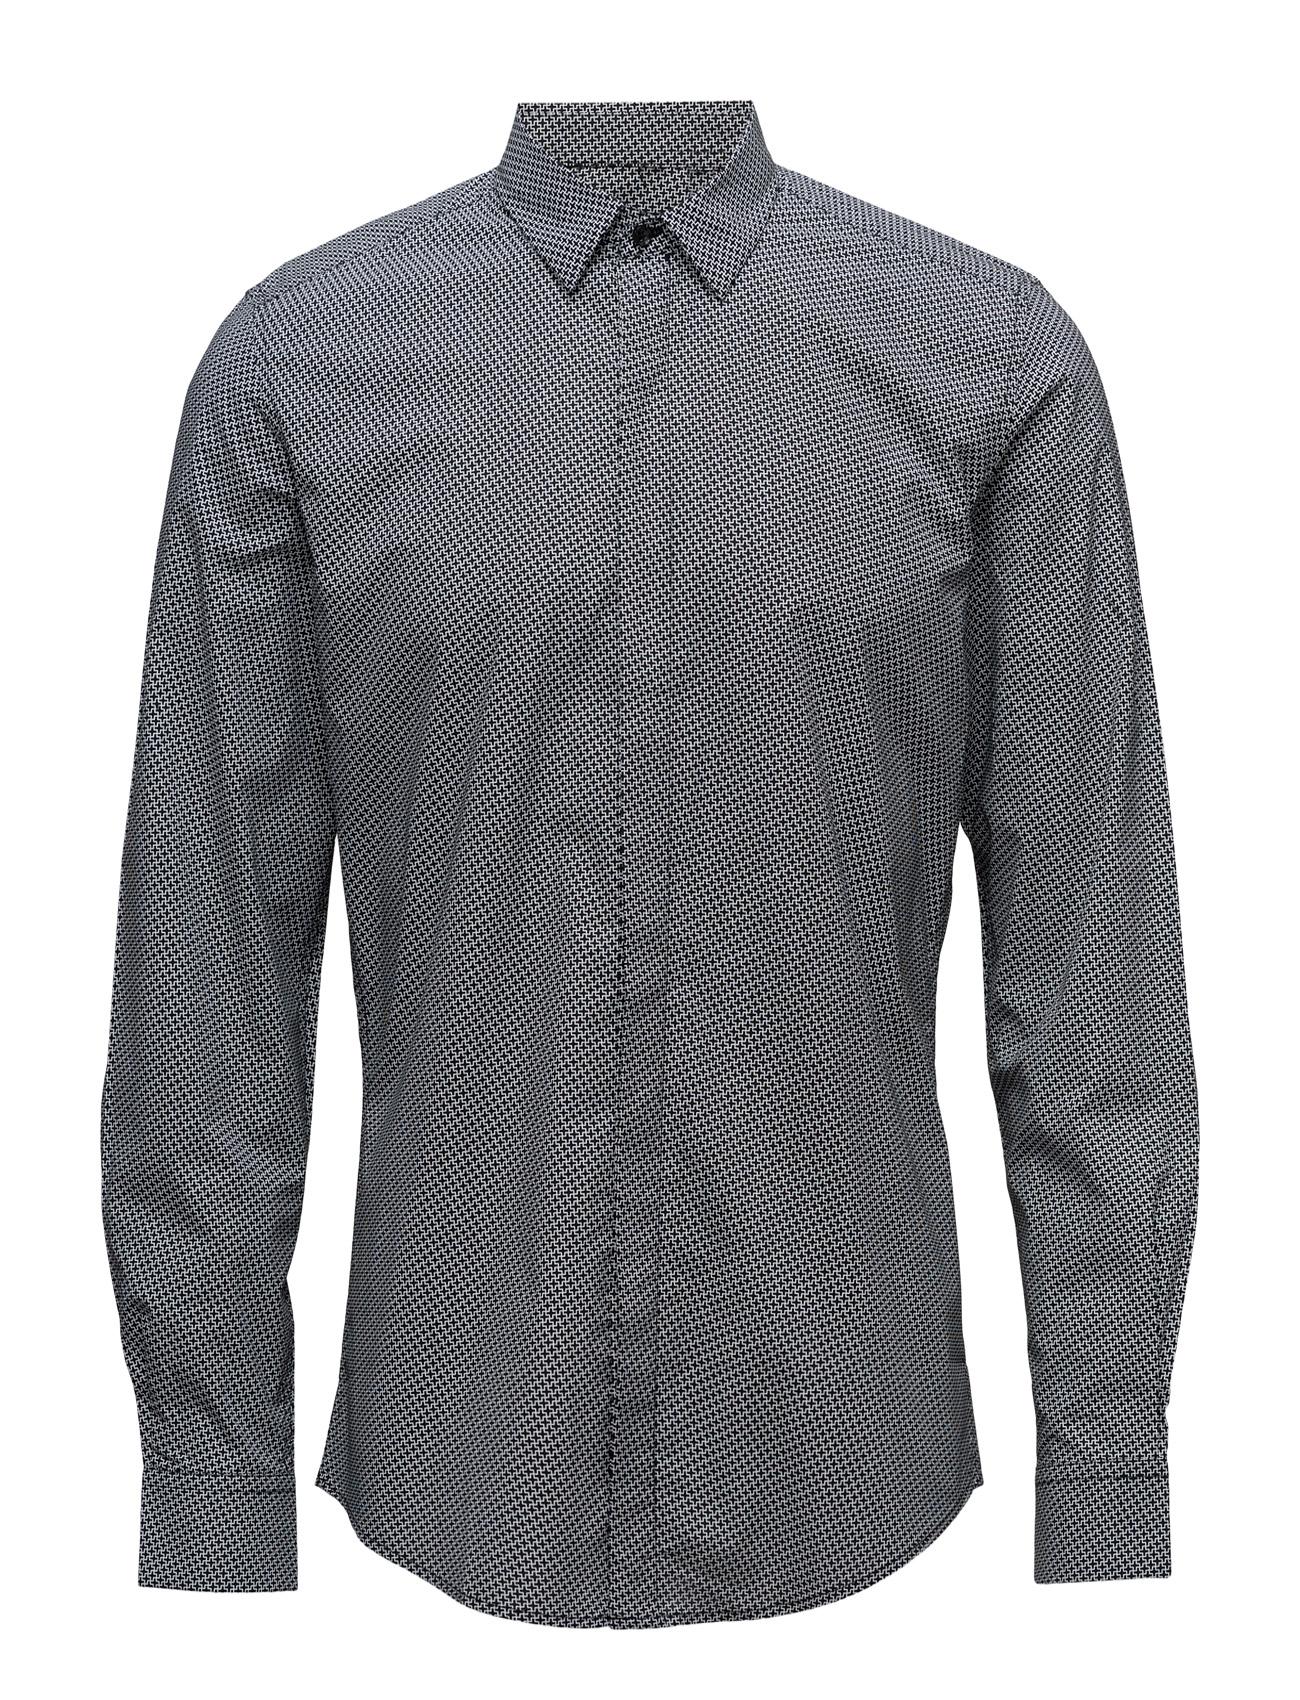 Shirt Long Sleeves With Printed Fabric Antony Morato Trøjer til Mænd i Sort